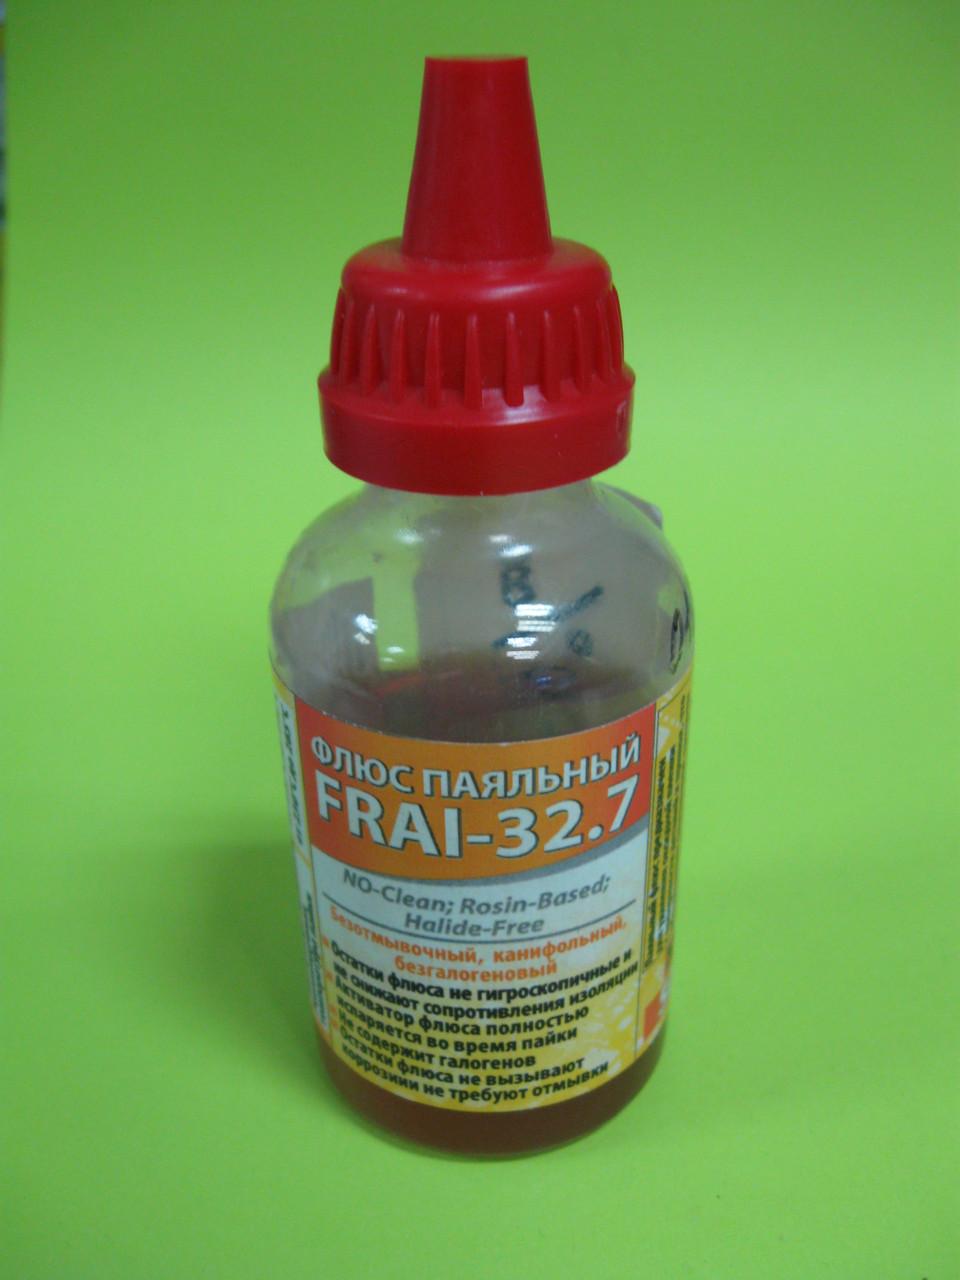 Флюс паяльный FRAI-32.7 (канифольный, безотмывочный, безгалогеновый), 50 мл